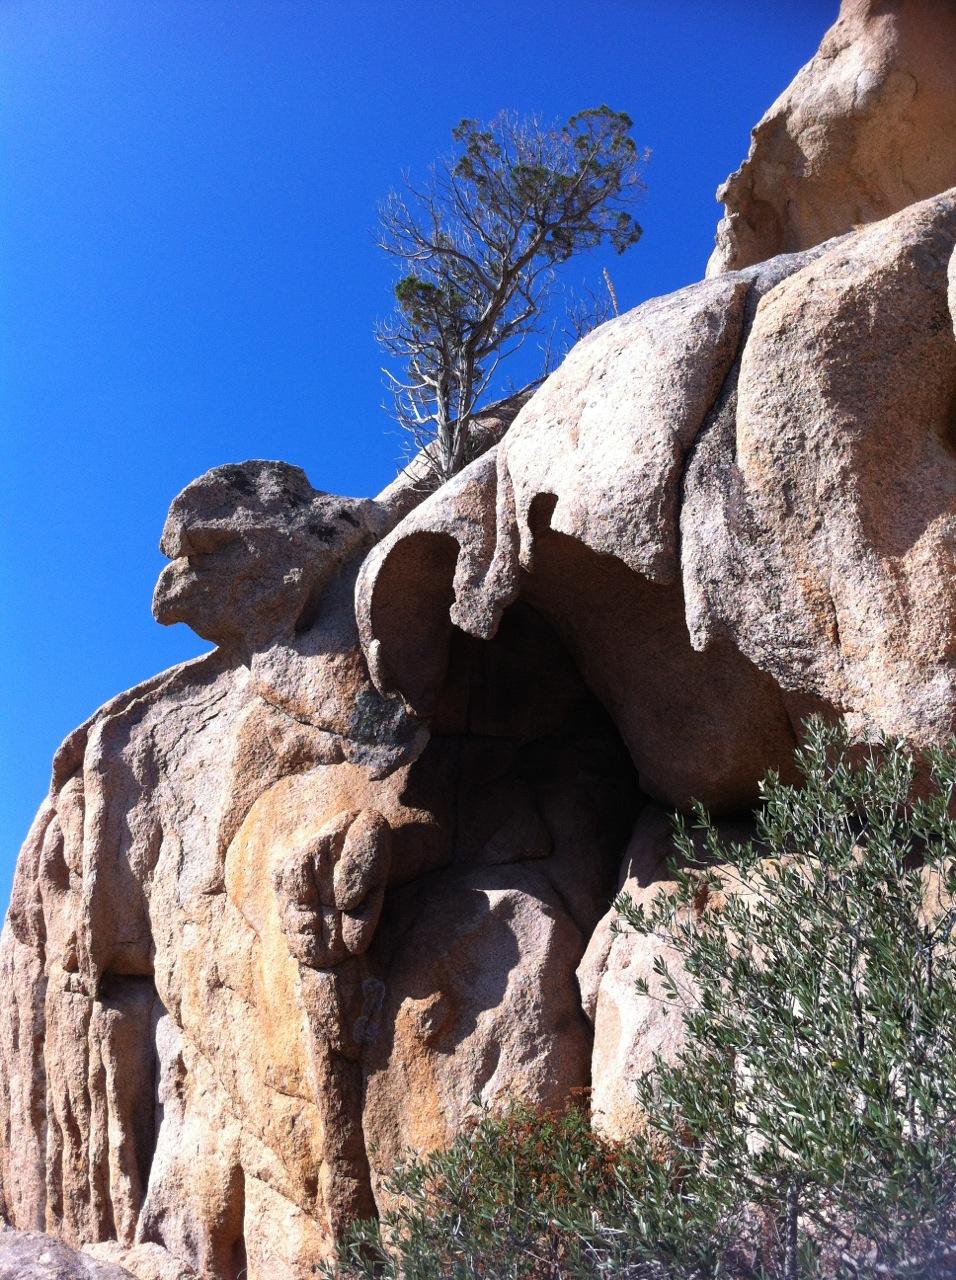 Der Granit der Gallura bot beste Verstecke für Tansu